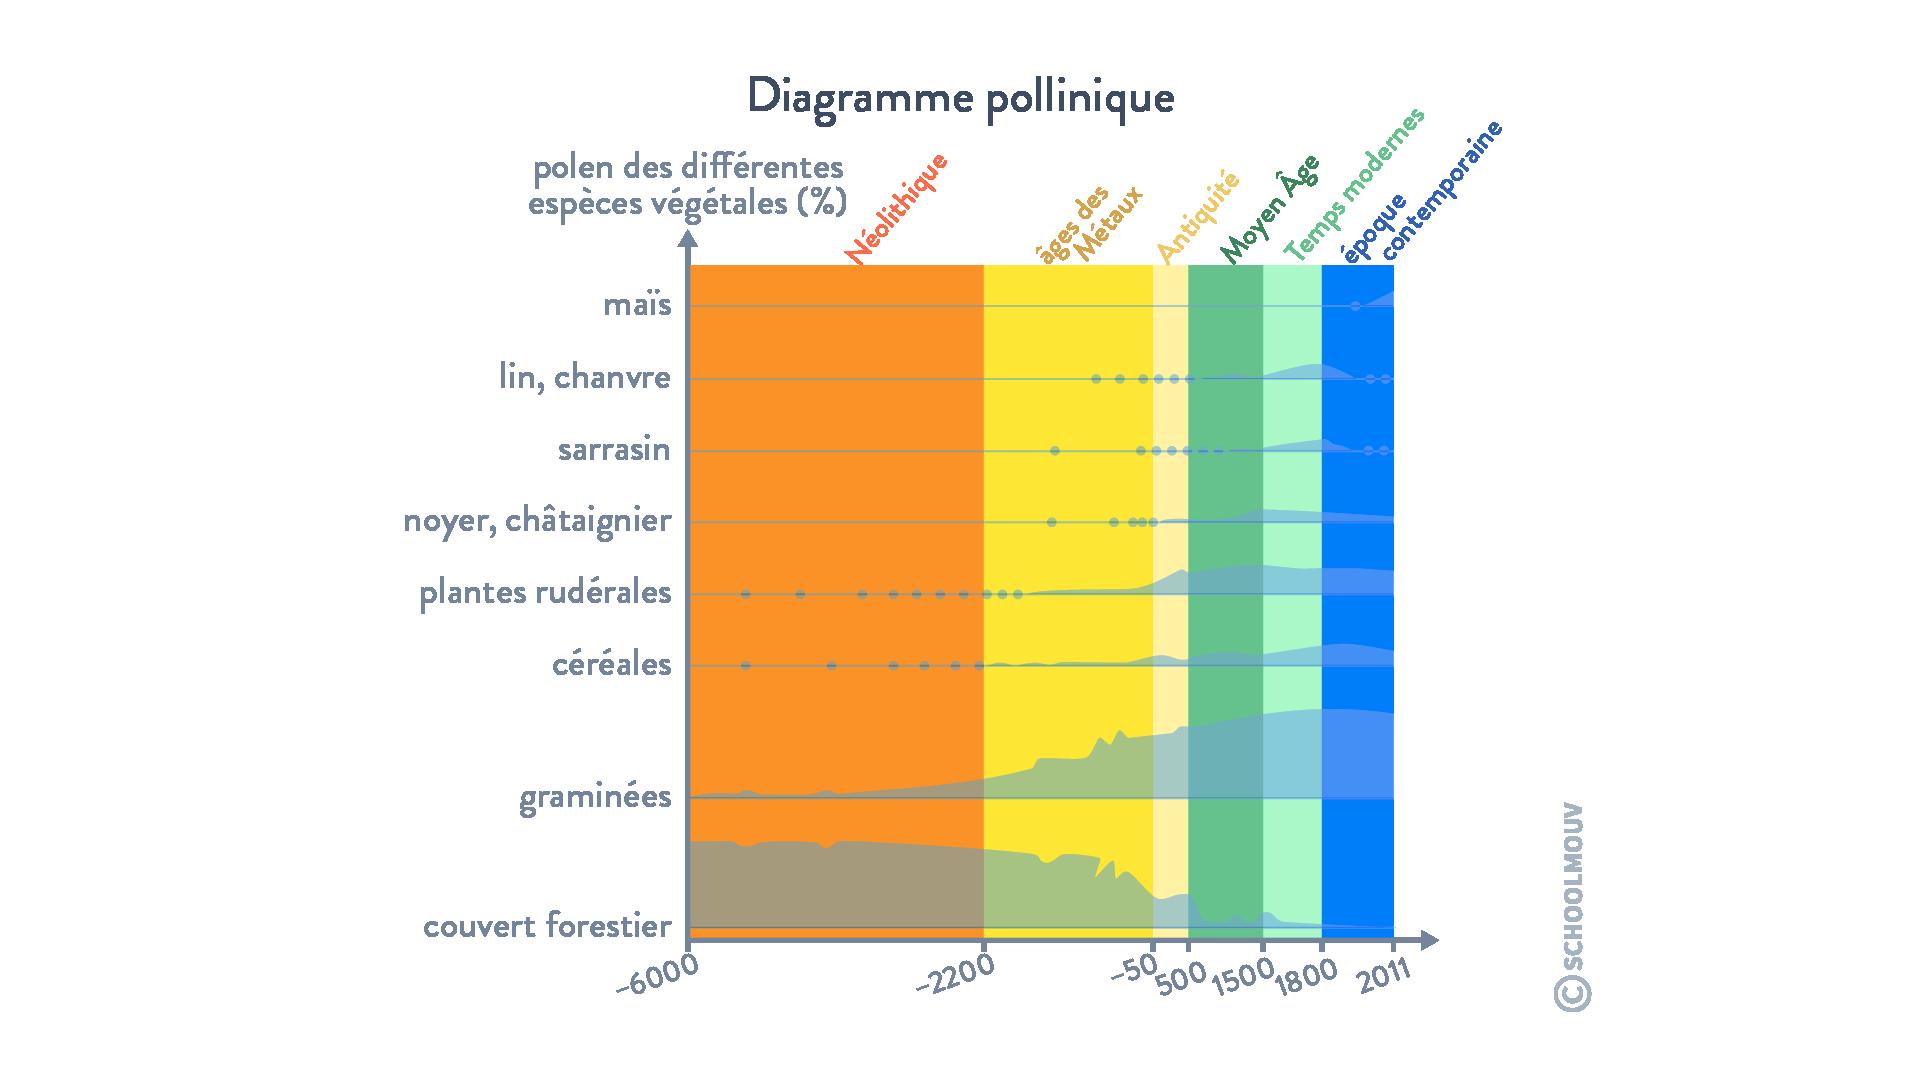 Diagramme pollinique